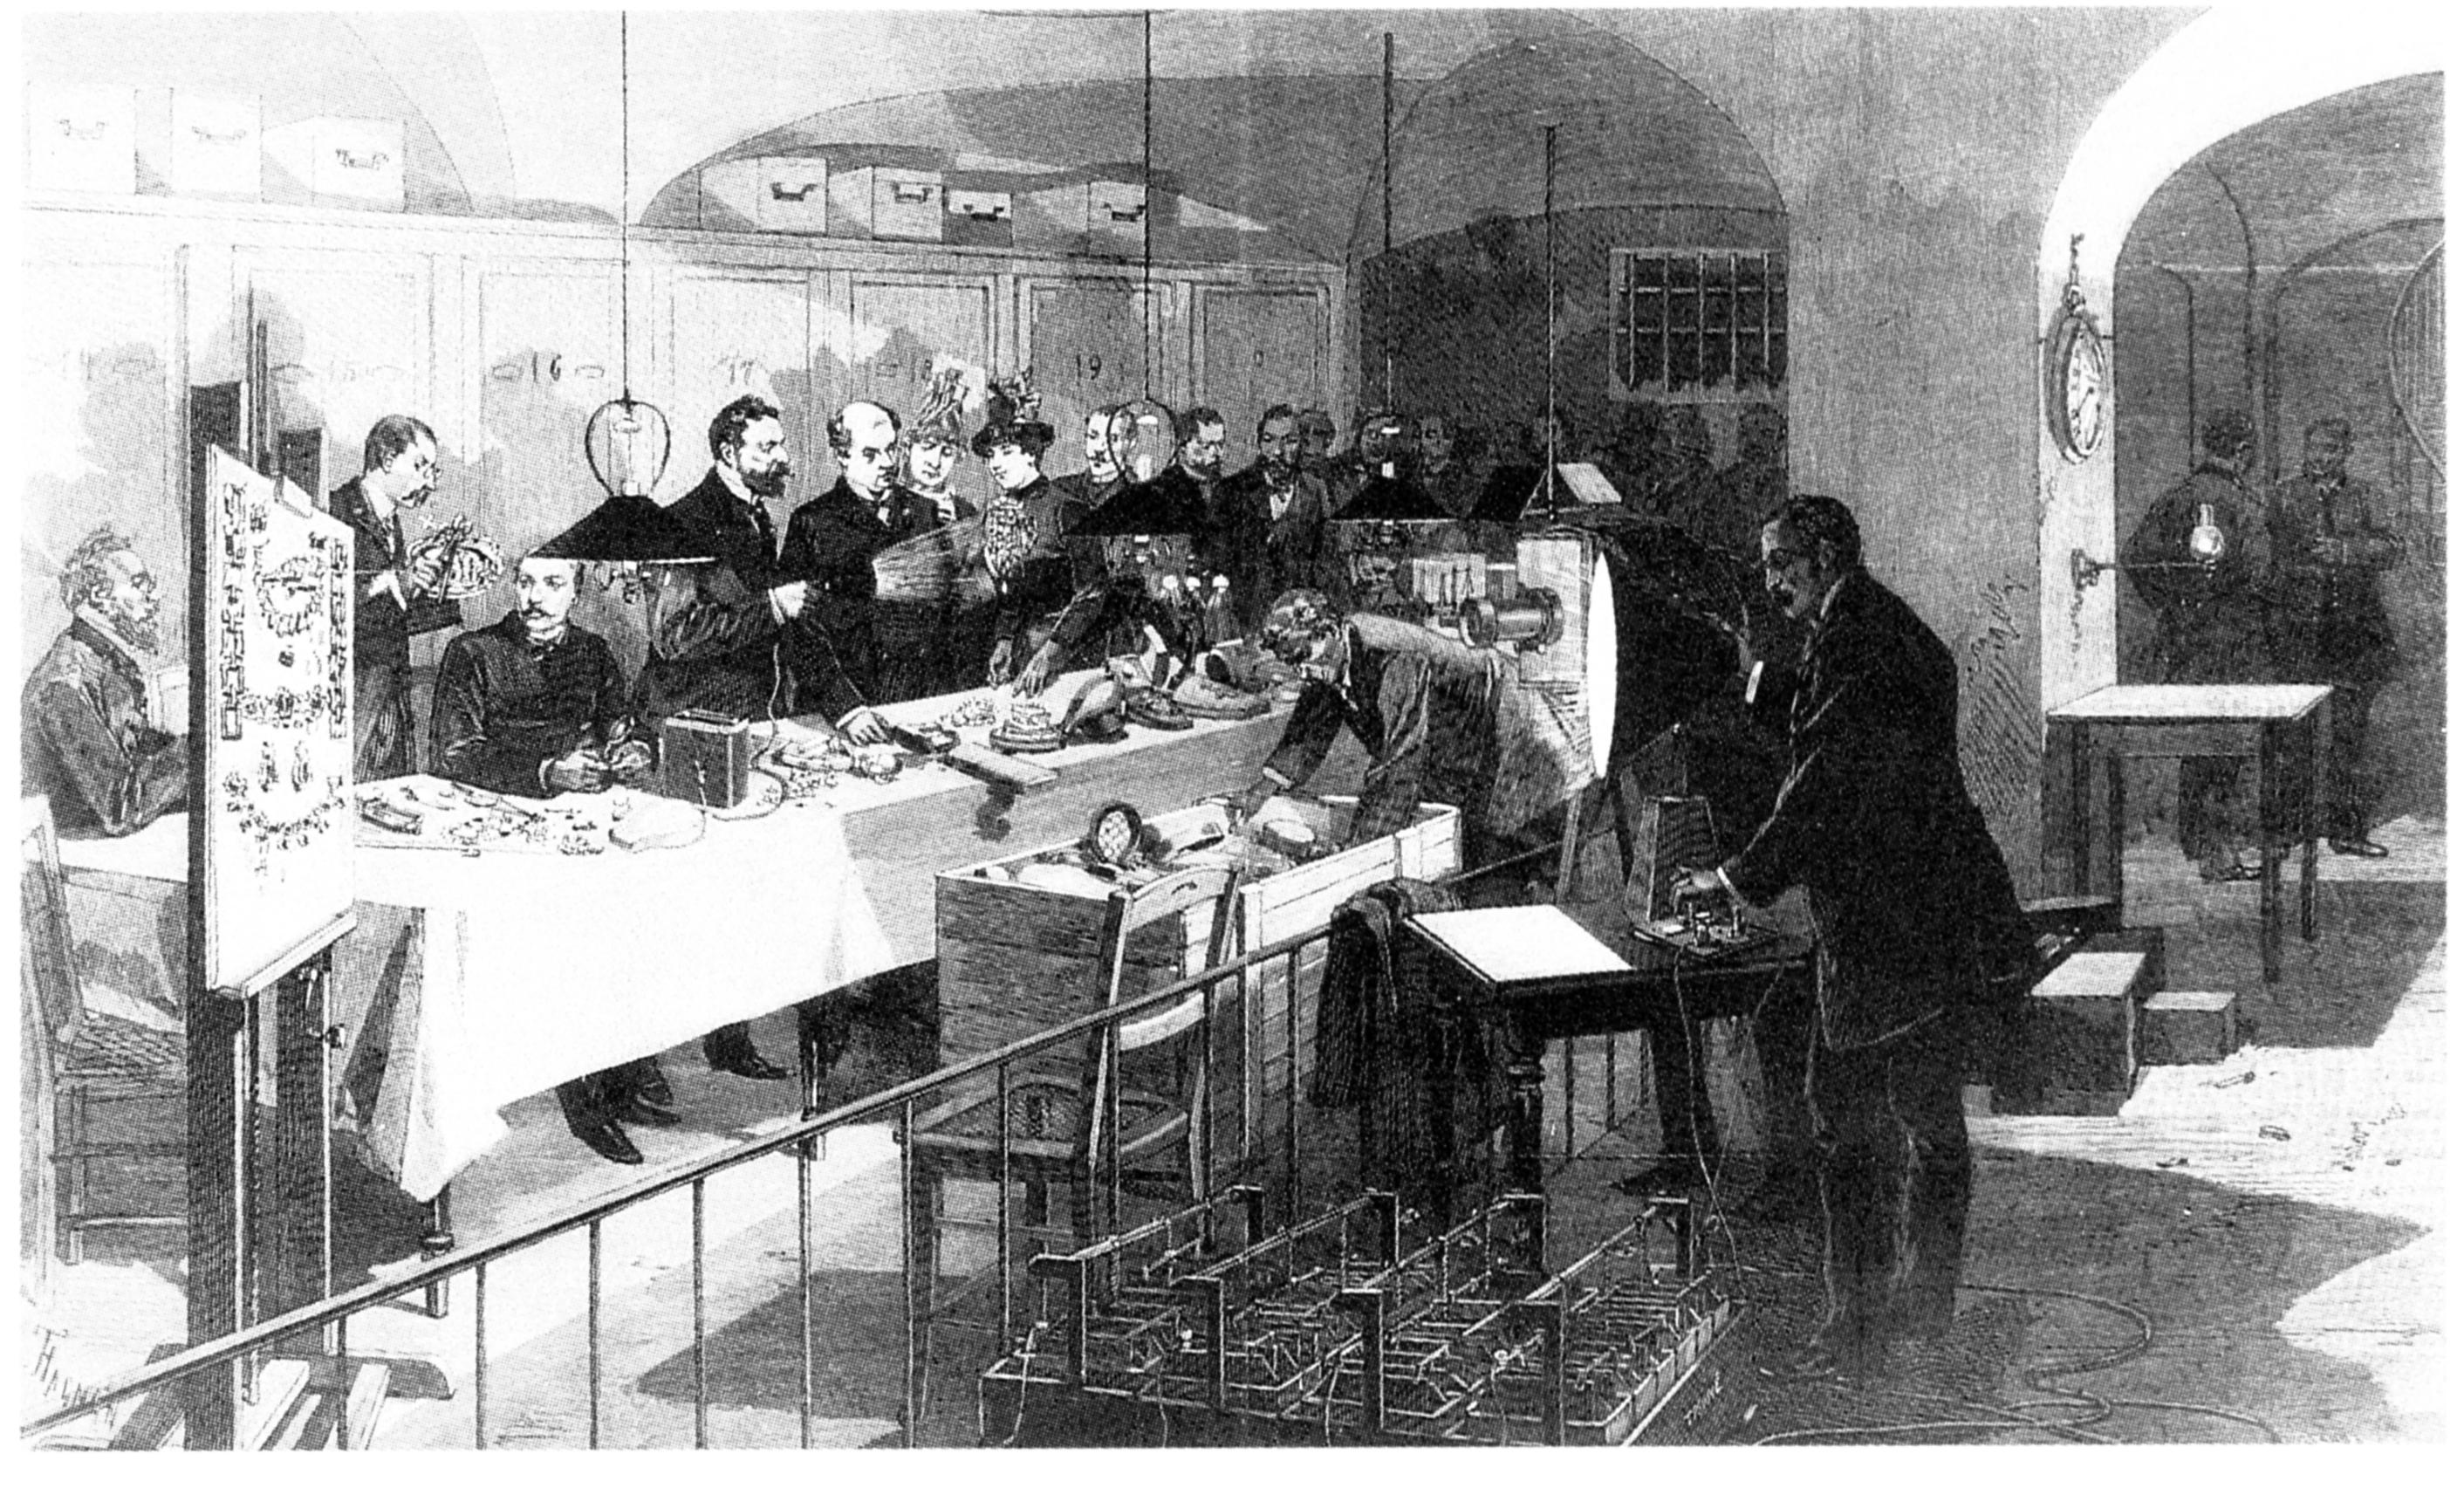 La vente des diamants, perles et pierreries provenant de la collection dite des joyaux de la Couronne de France en mai 1887